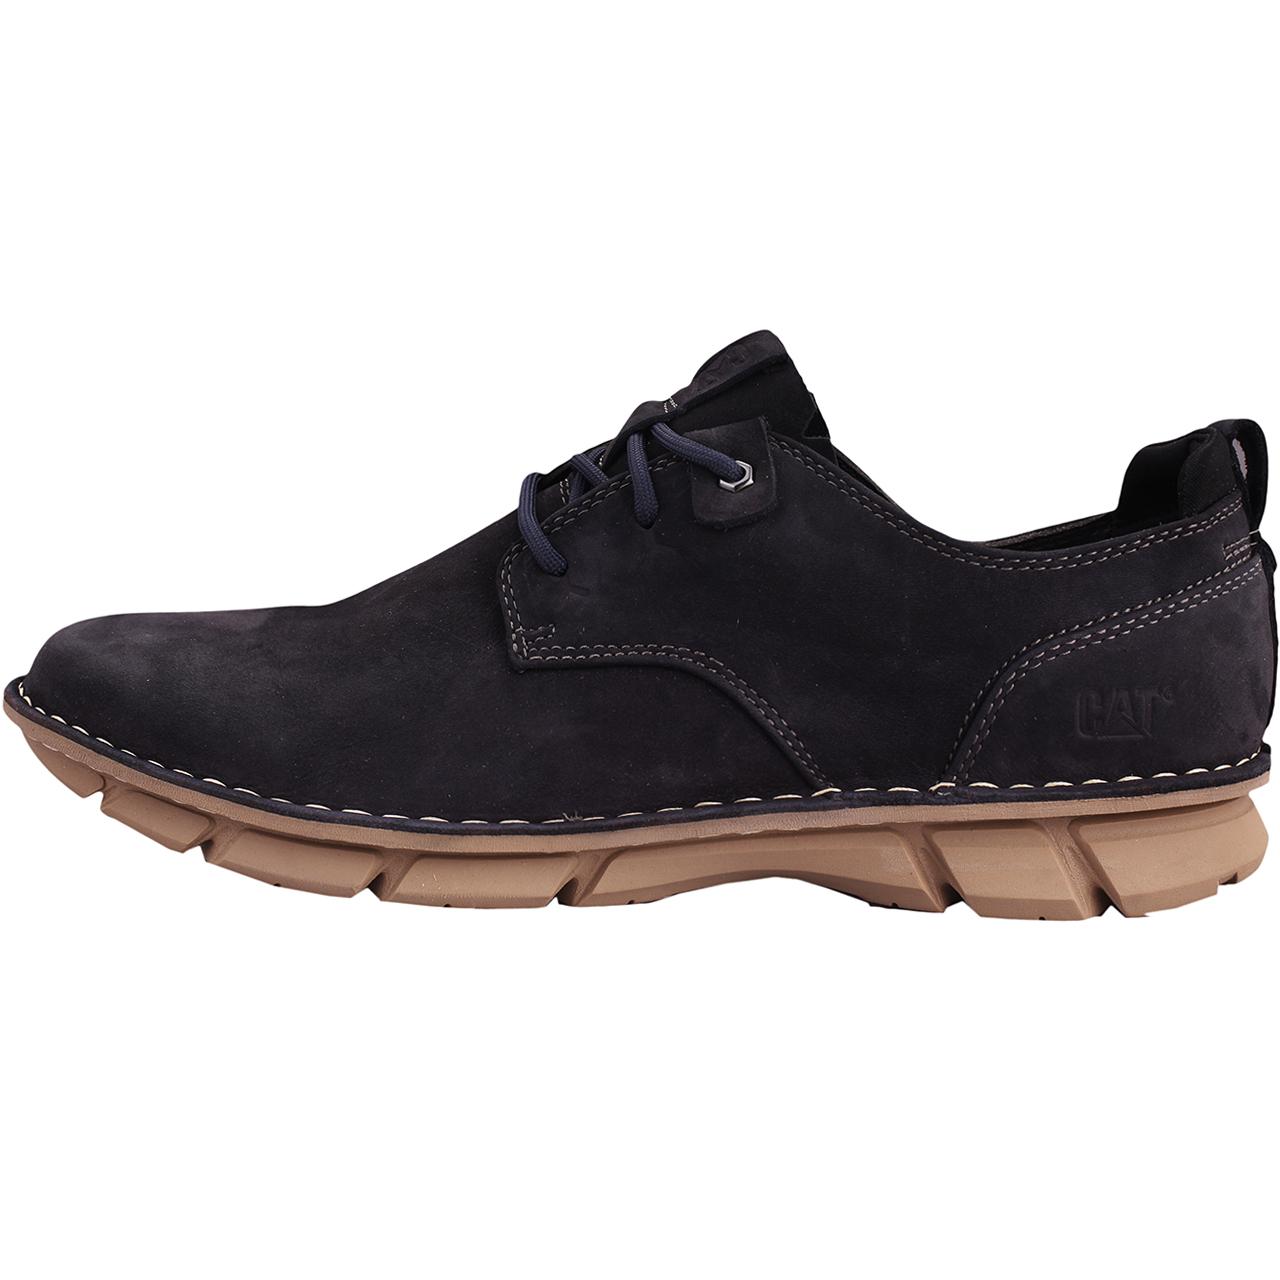 کفش رسمی مردانه مدل Caterpillar R411